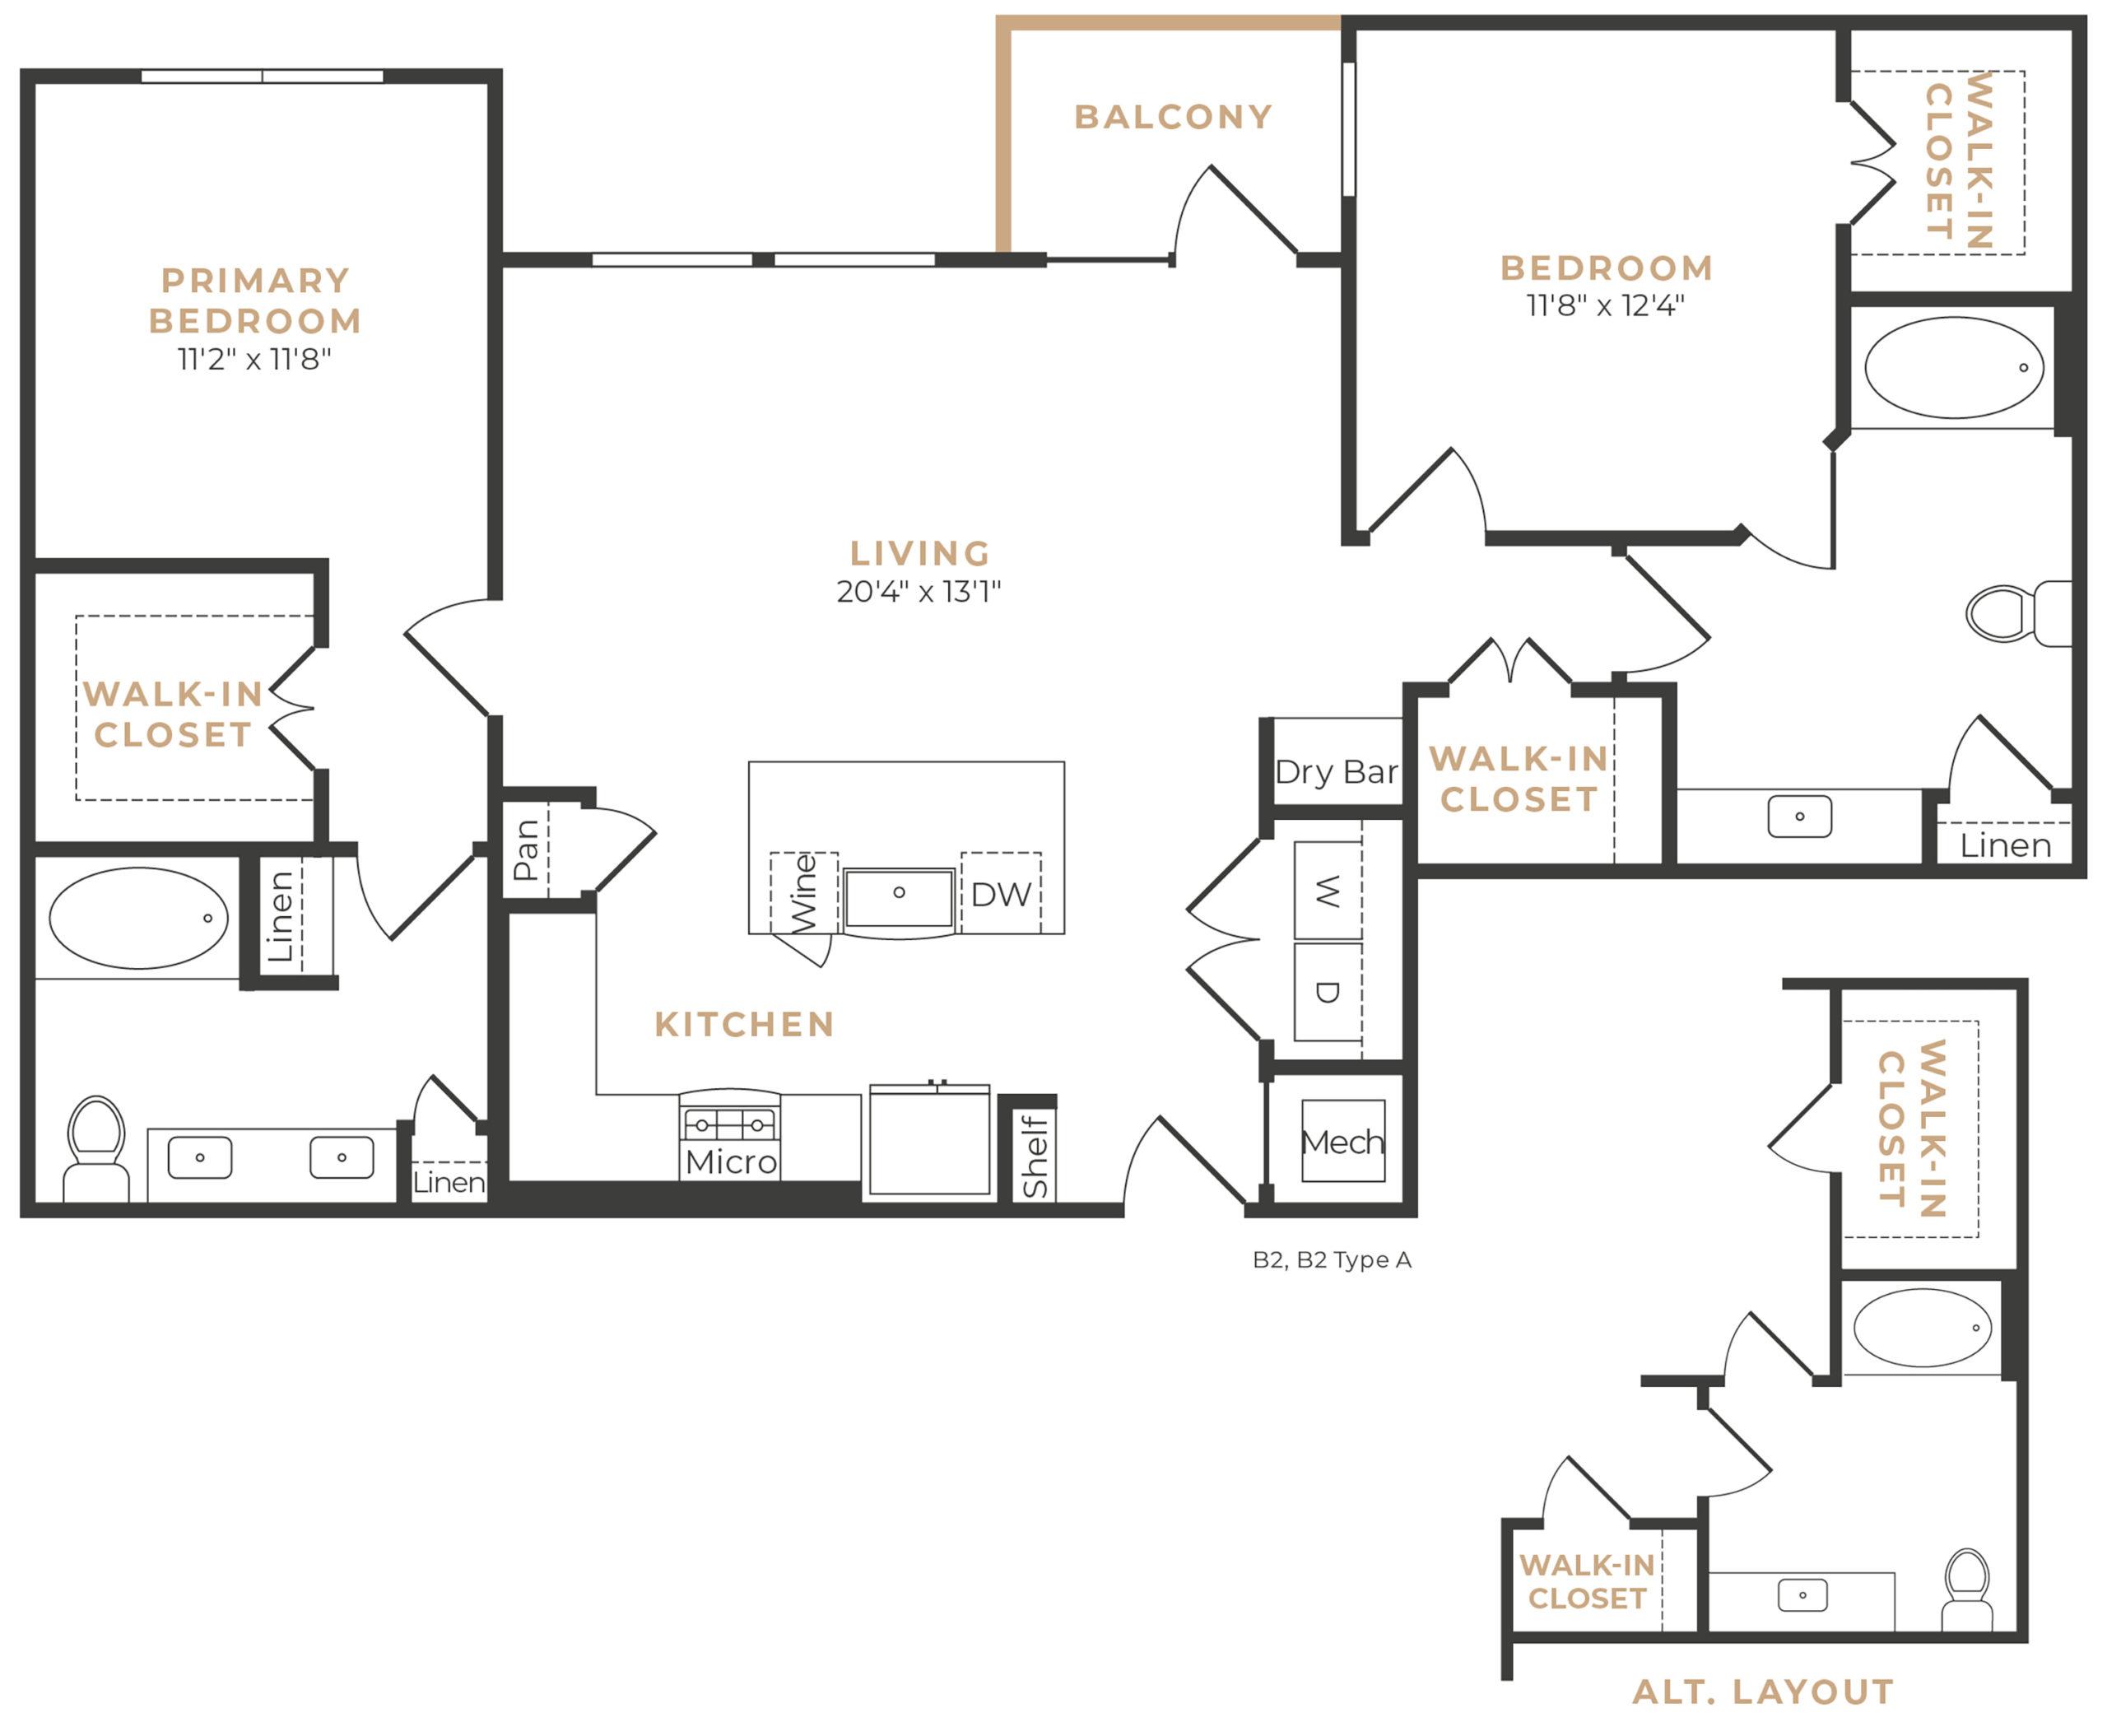 Alexan Memorial Two Bedroom Floor Plan B5